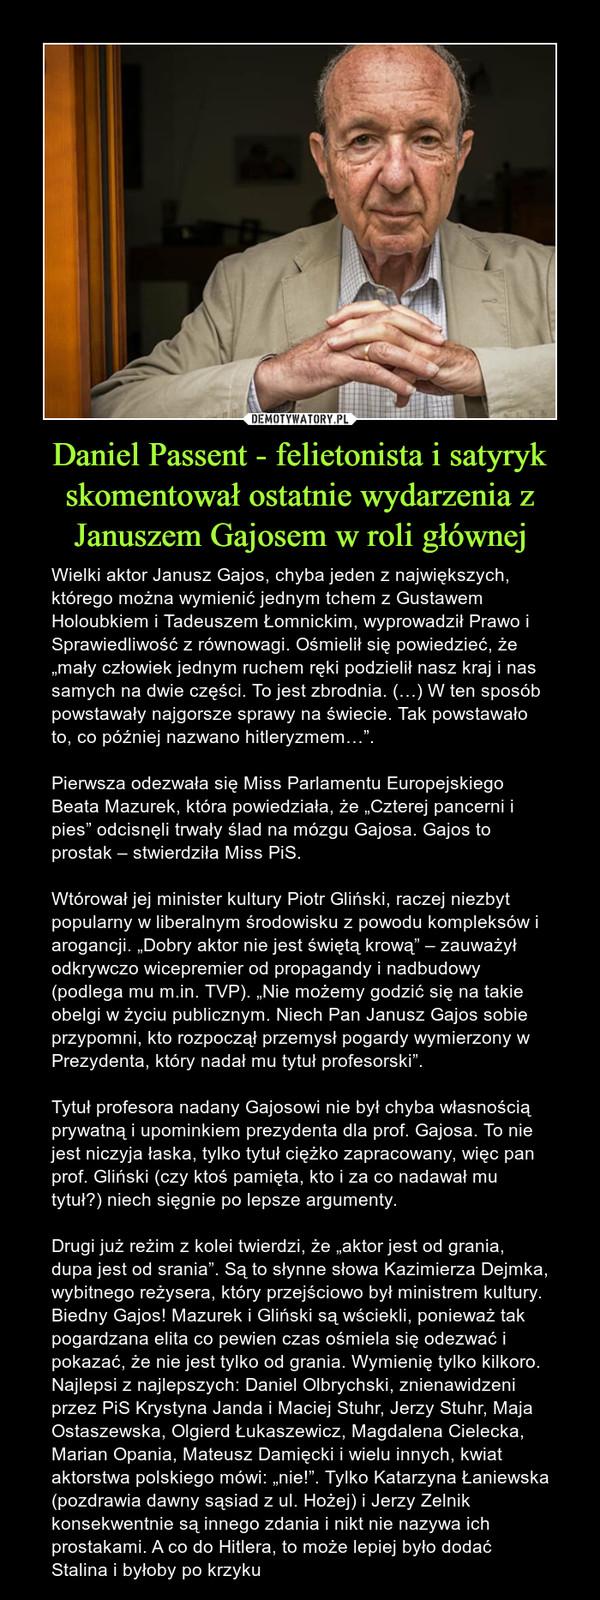 Daniel Passent - felietonista i satyryk skomentował ostatnie wydarzenia z Januszem Gajosem w roli głównej